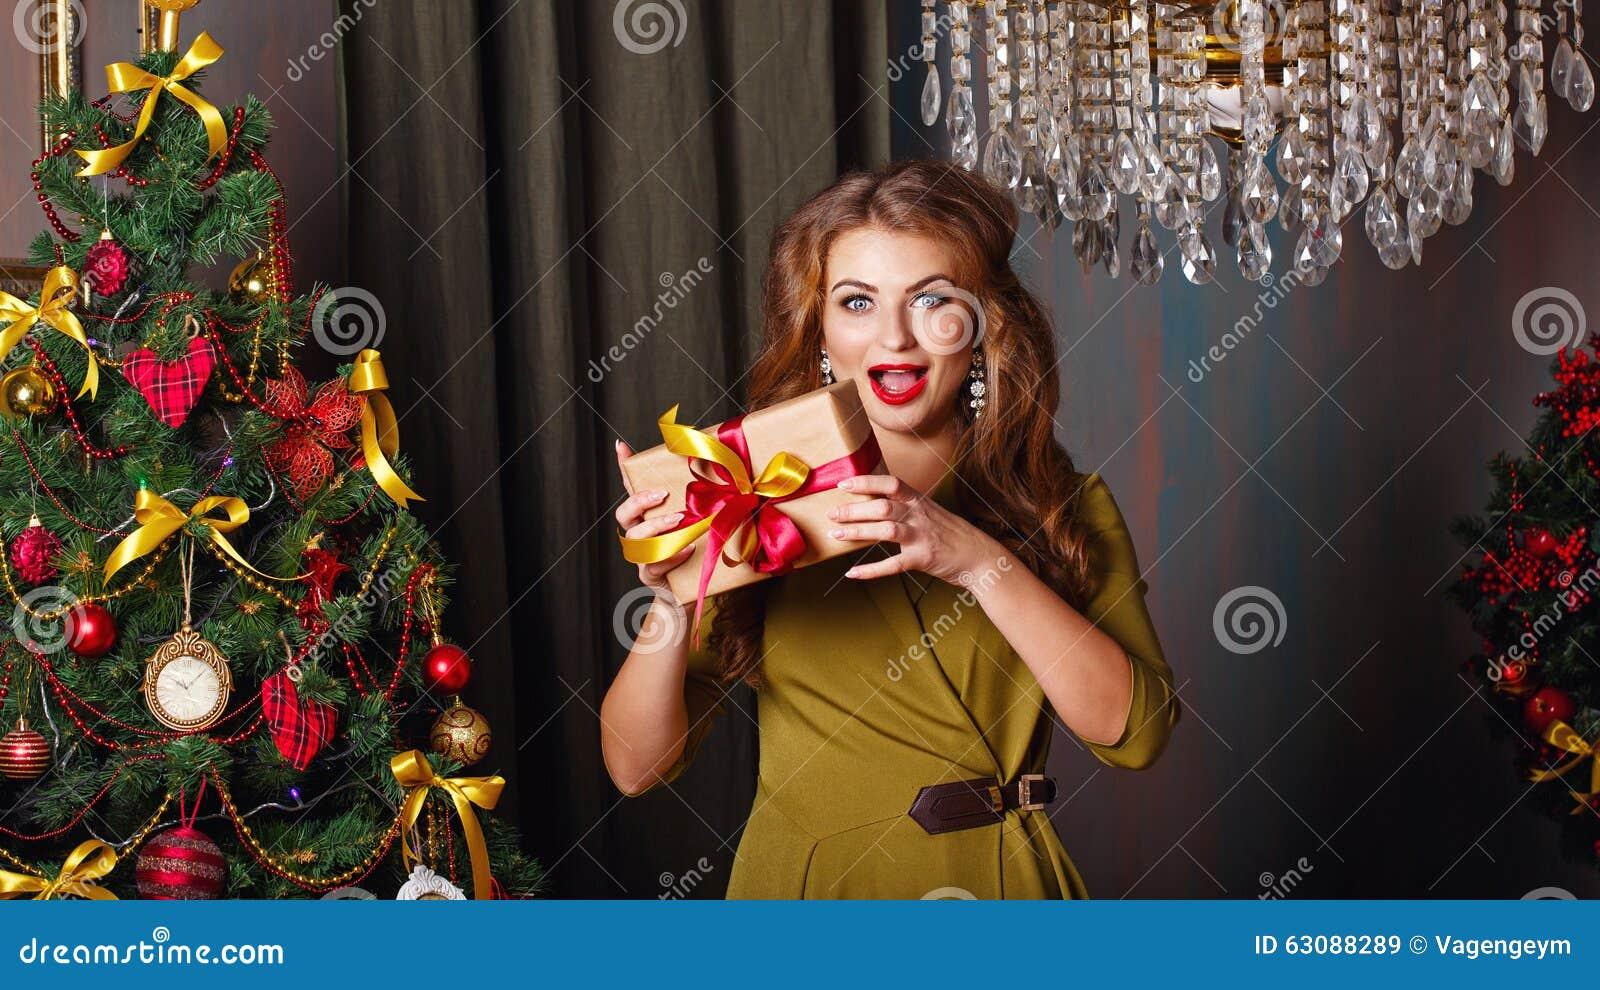 Download La Fille Est Heureuse Le Présent Noël Ma Version De Vecteur D'arbre De Portefeuille Image stock - Image du long, joyeux: 63088289